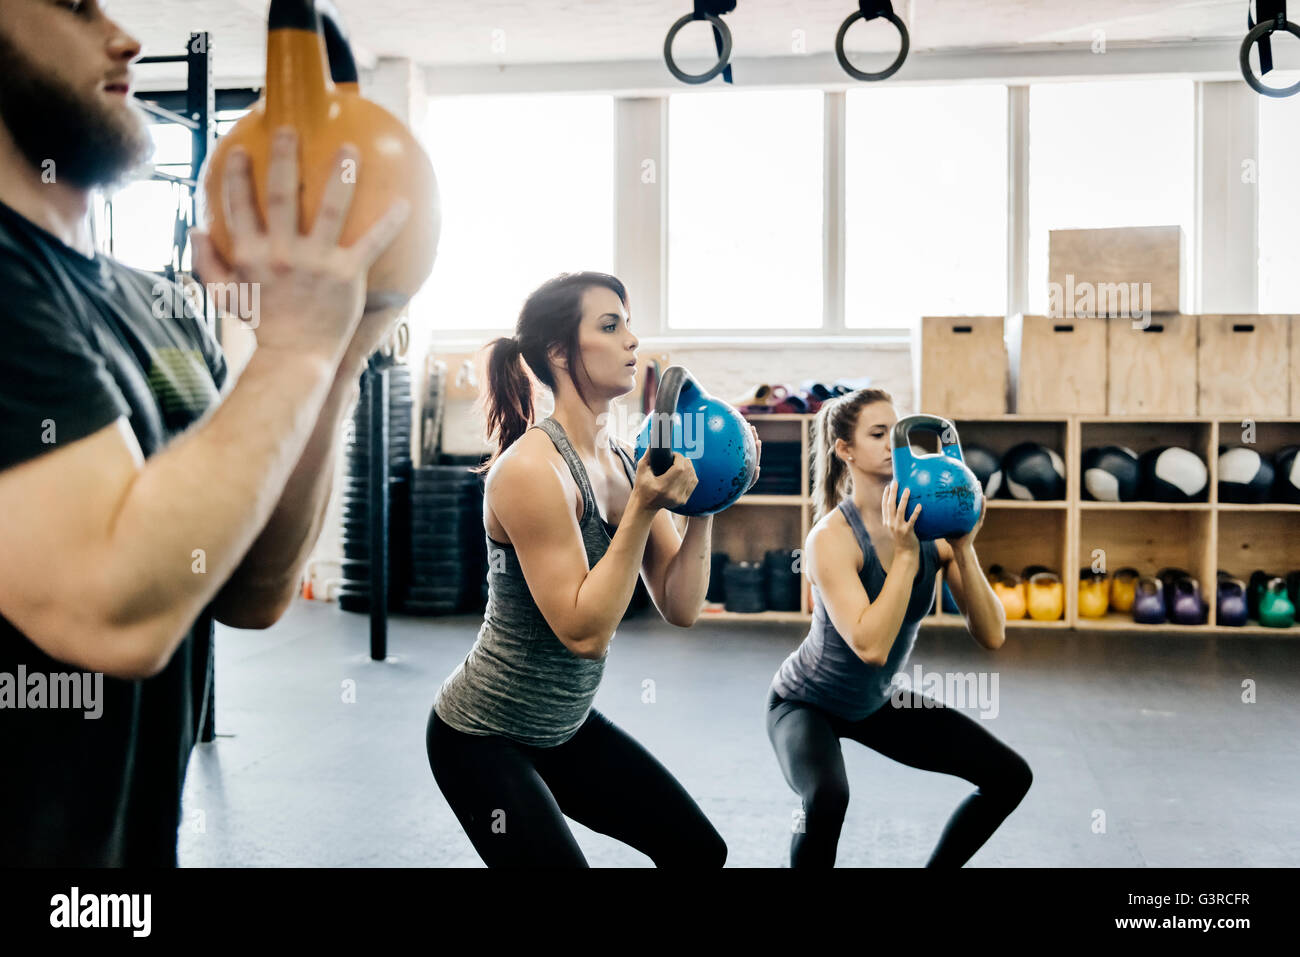 Alemania, hombre y mujeres jóvenes un entrenamiento con kettlebells en gimnasio Imagen De Stock